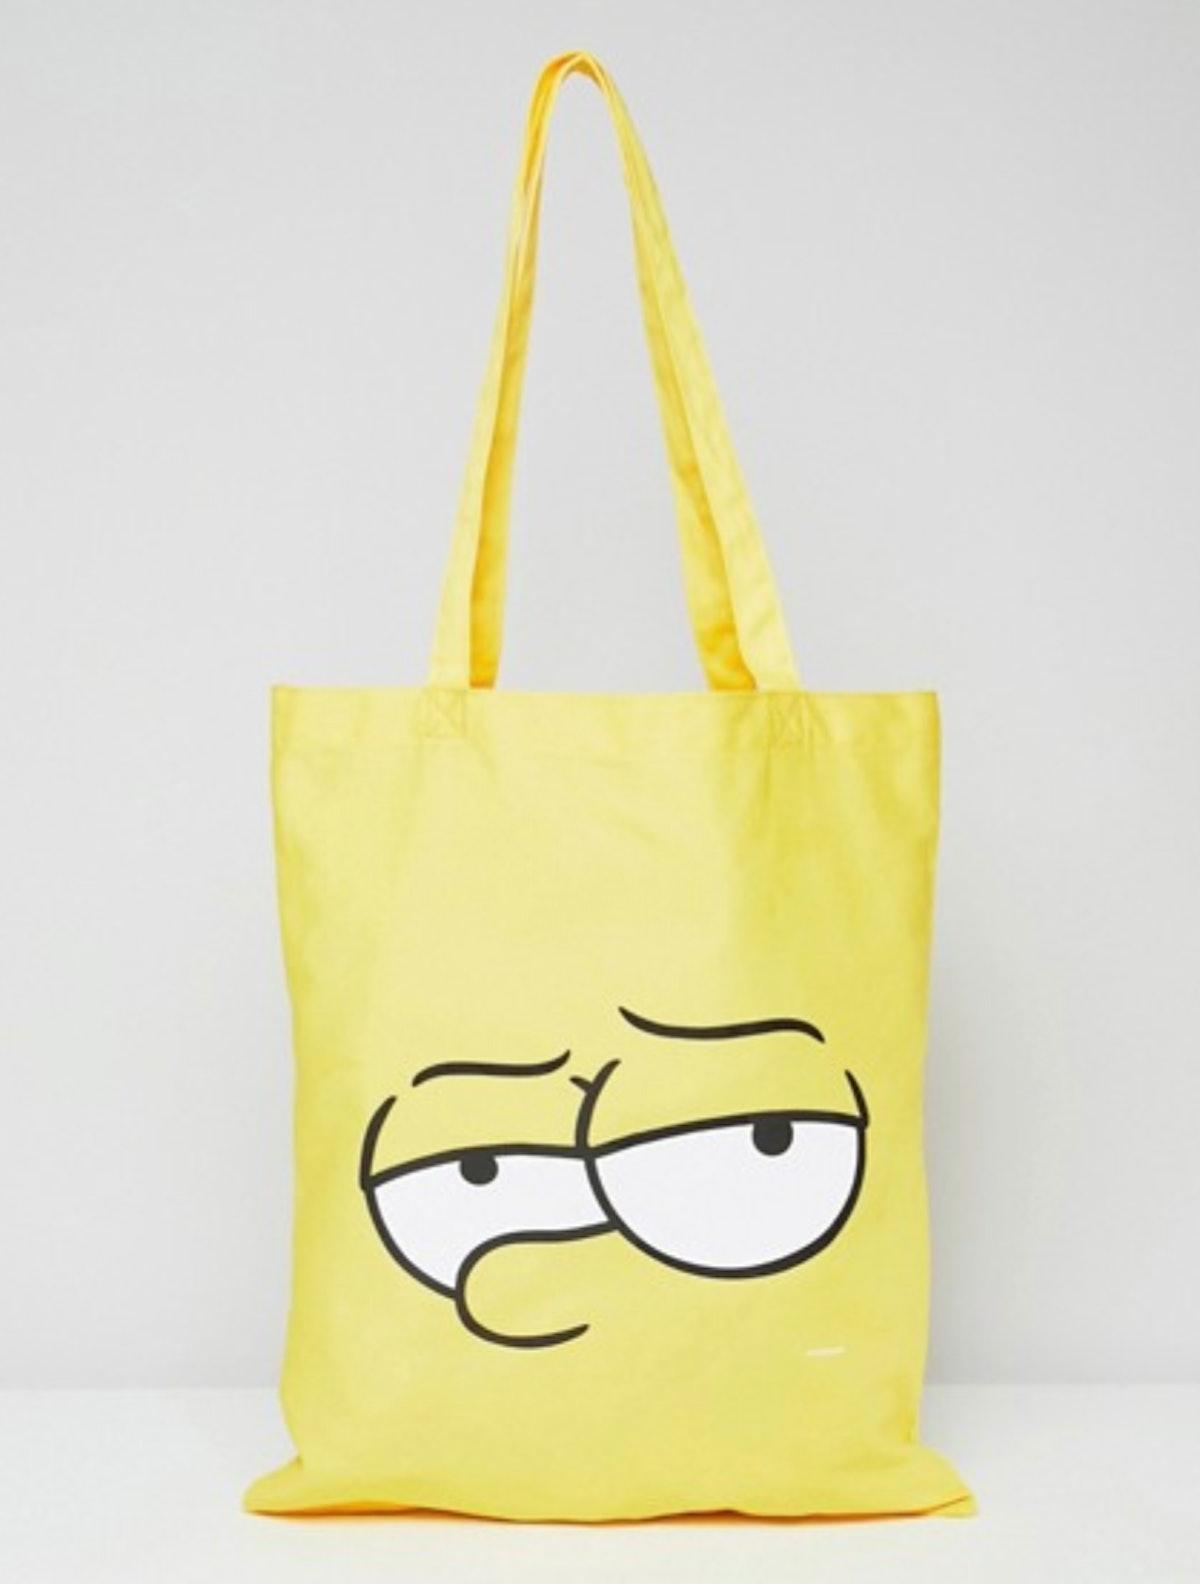 'The Simpsons' x ASOS DESIGN Bart tote bag